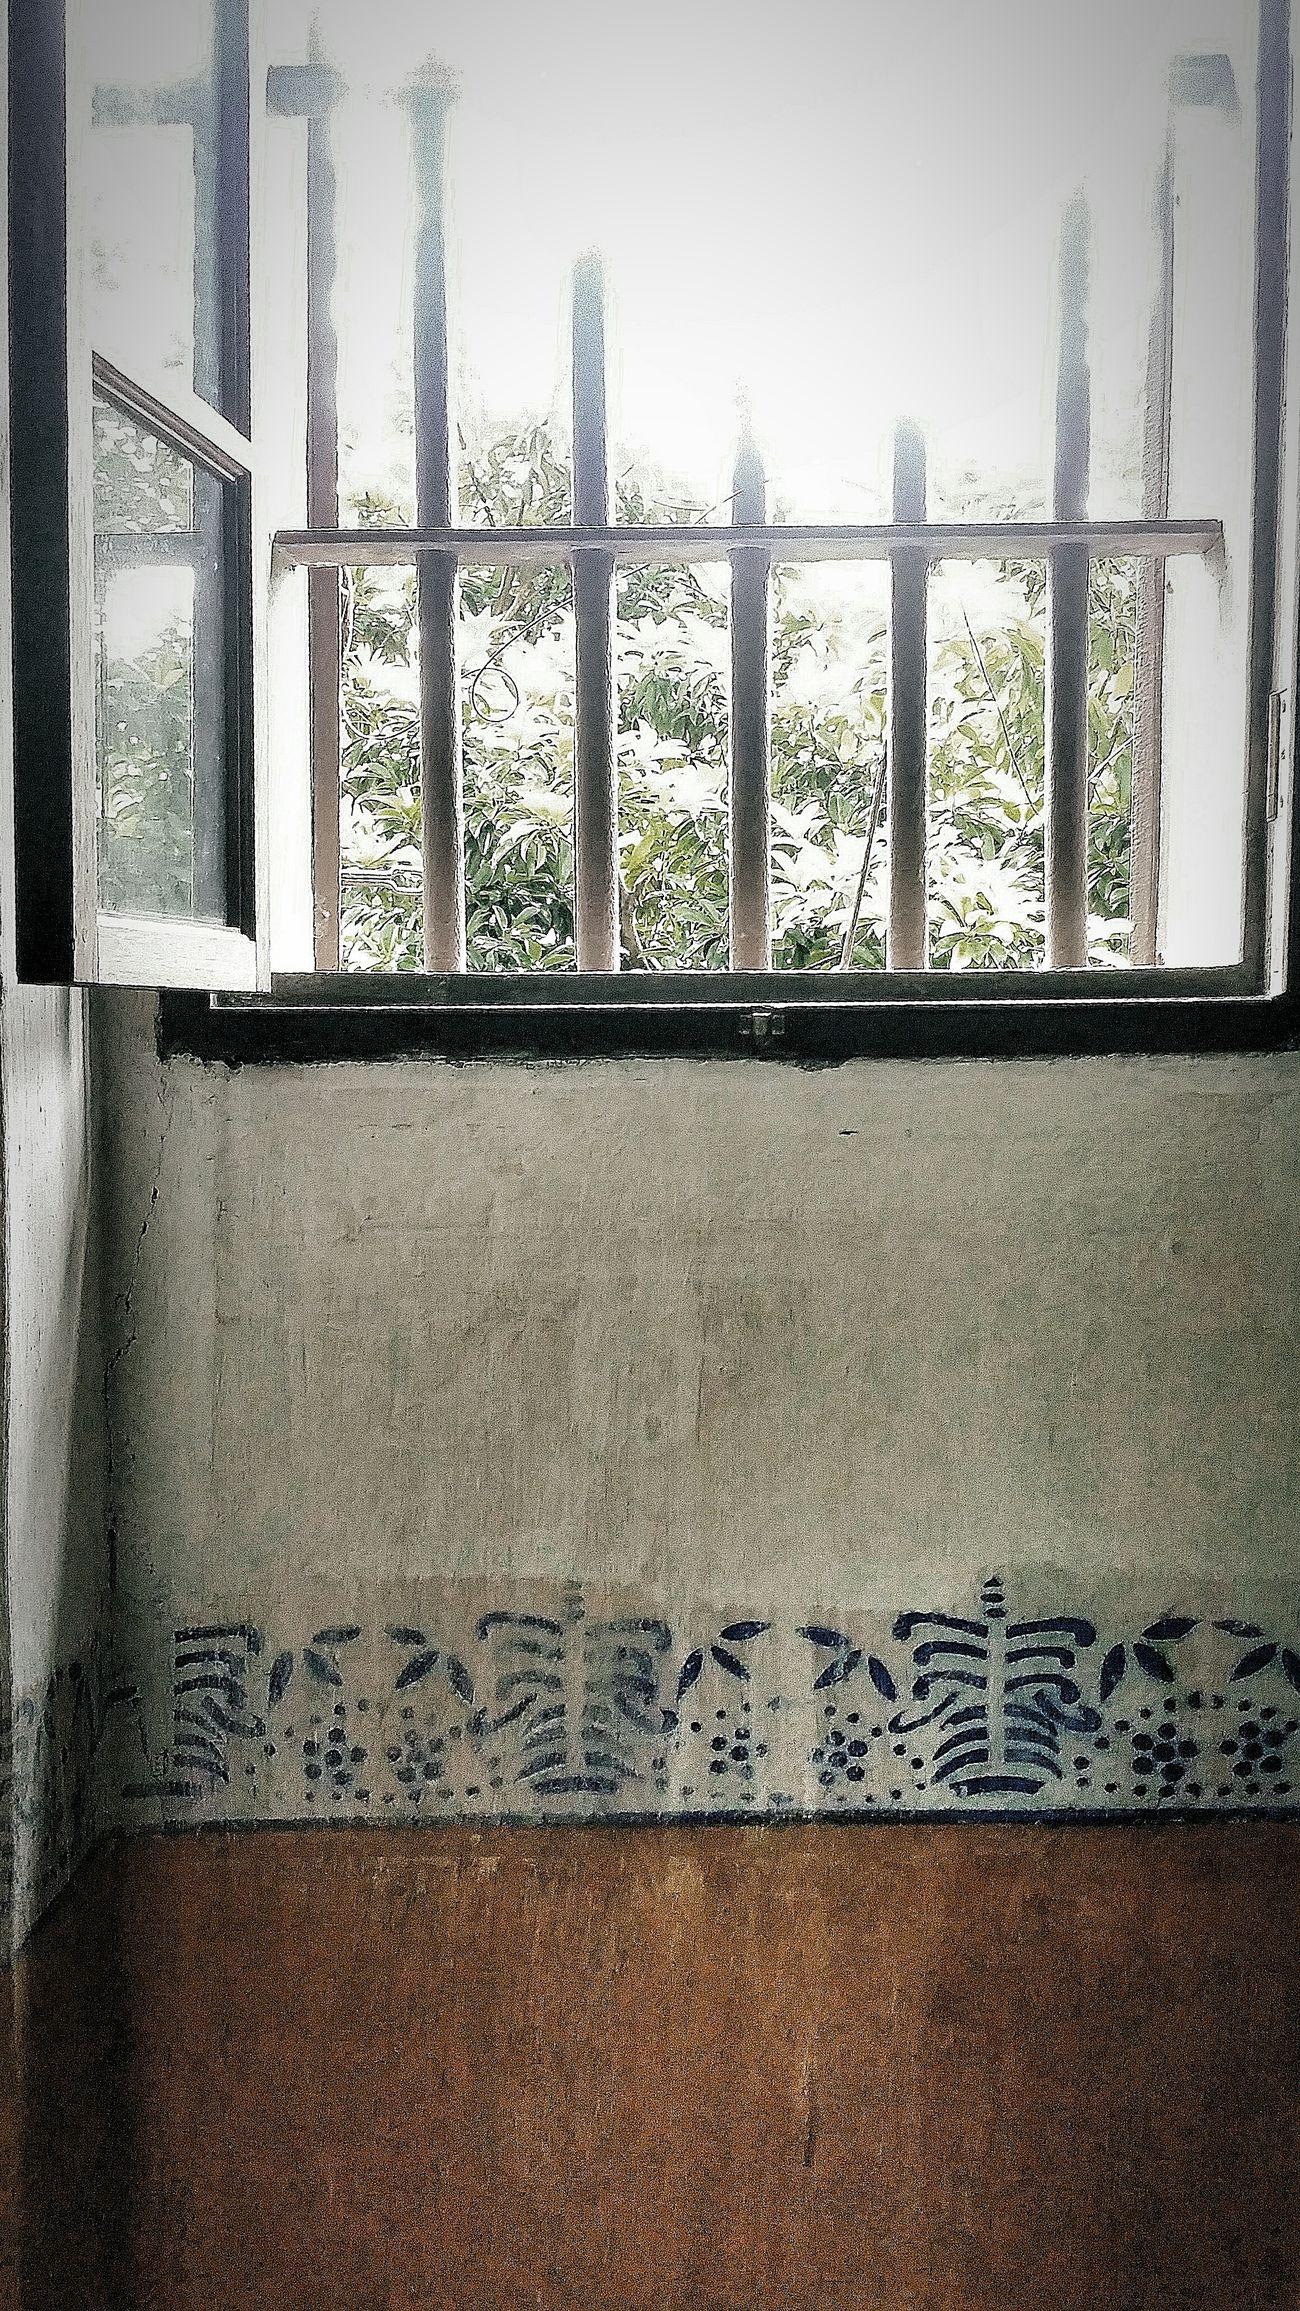 Windows Bars Protection Bandits Interior Diaolou Zili Village Kaiping Jiangmen Guangdong